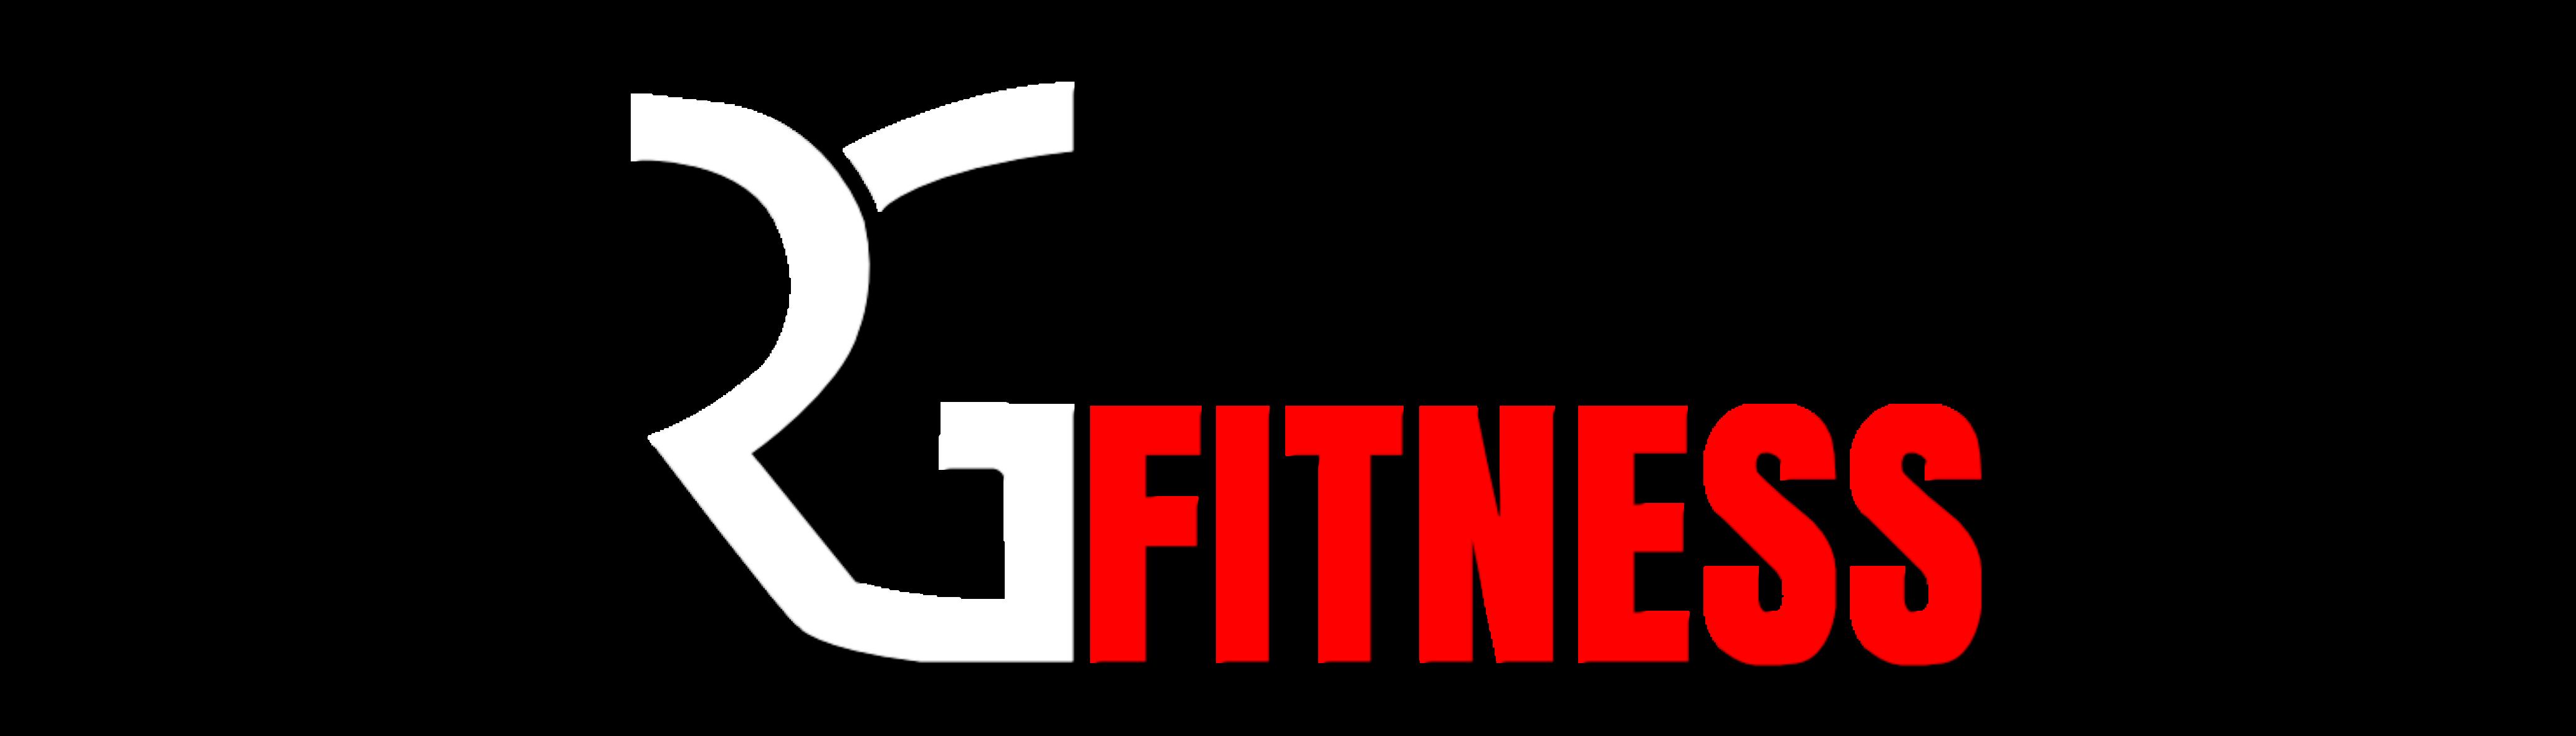 png logo website